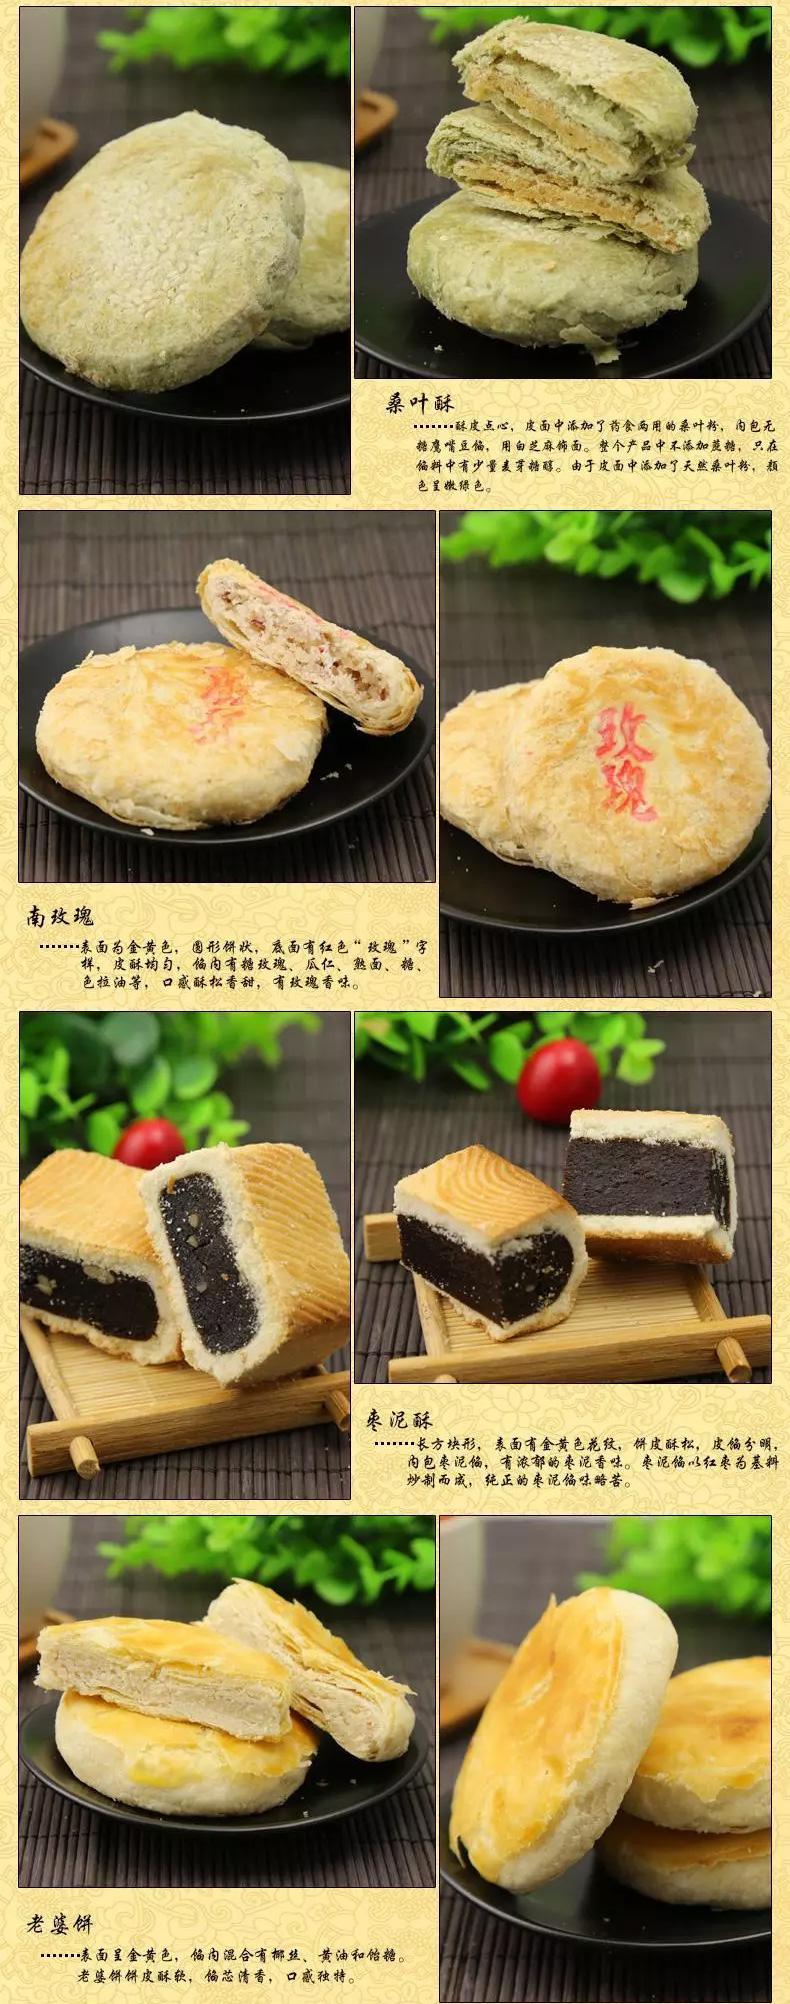 daoxiangcun-001_04